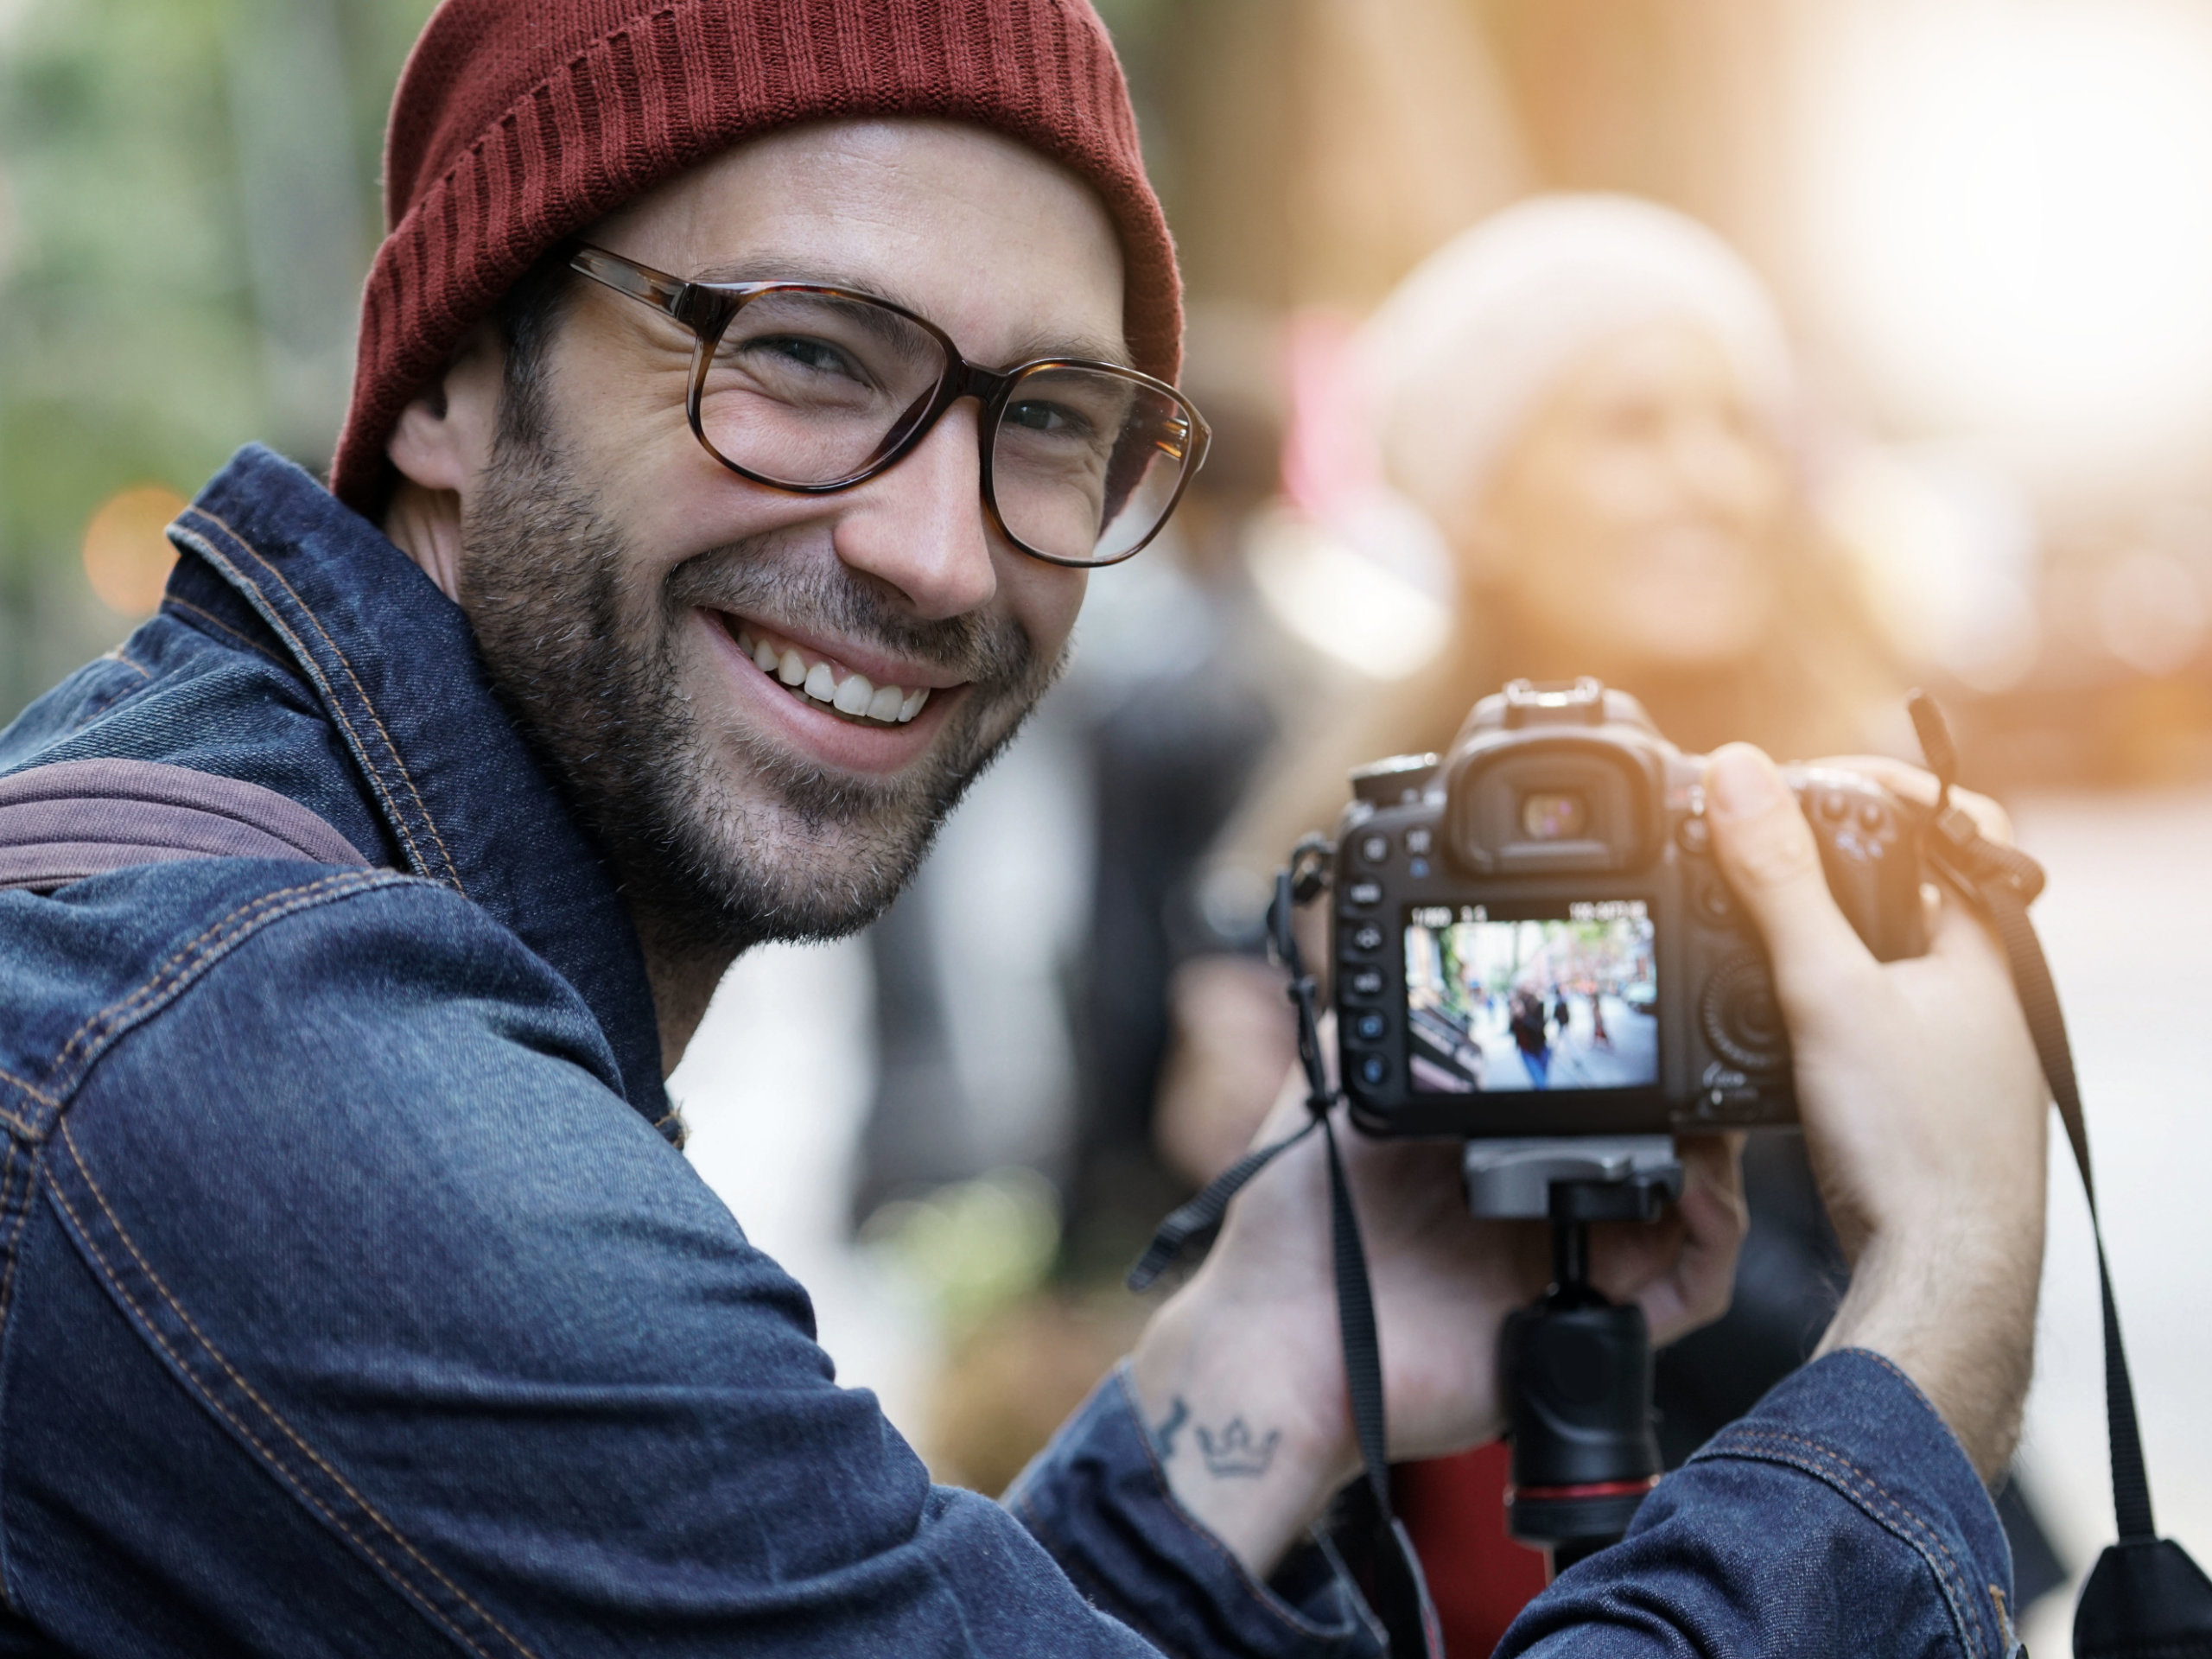 Ein Fotograf blickt in die Kamera während er ein weibliches Model fotografiert